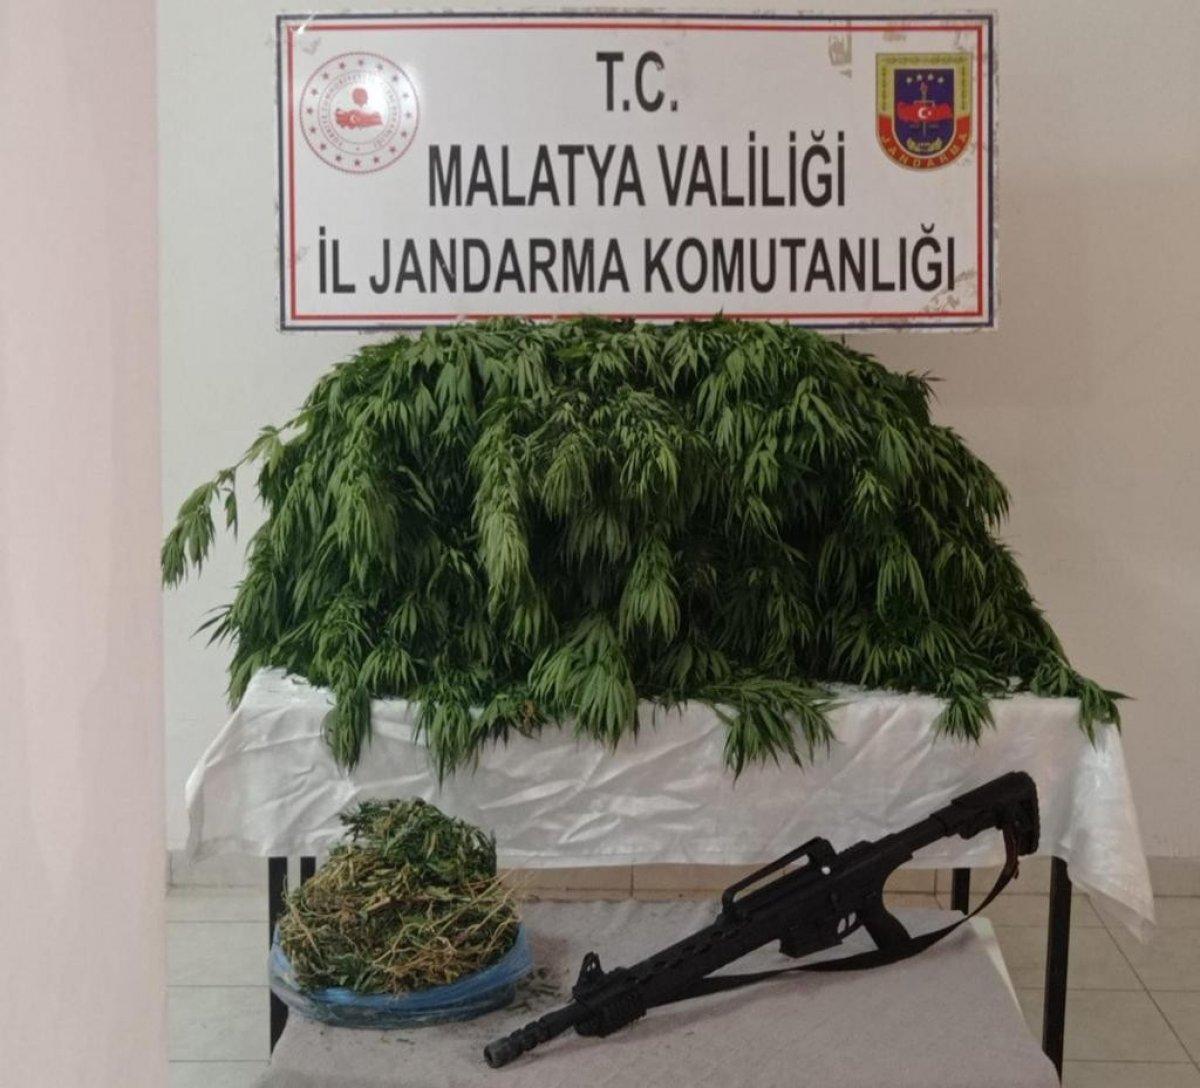 Malatya'da 2 bin 392 kök Hint keneviri ele geçirildi #2